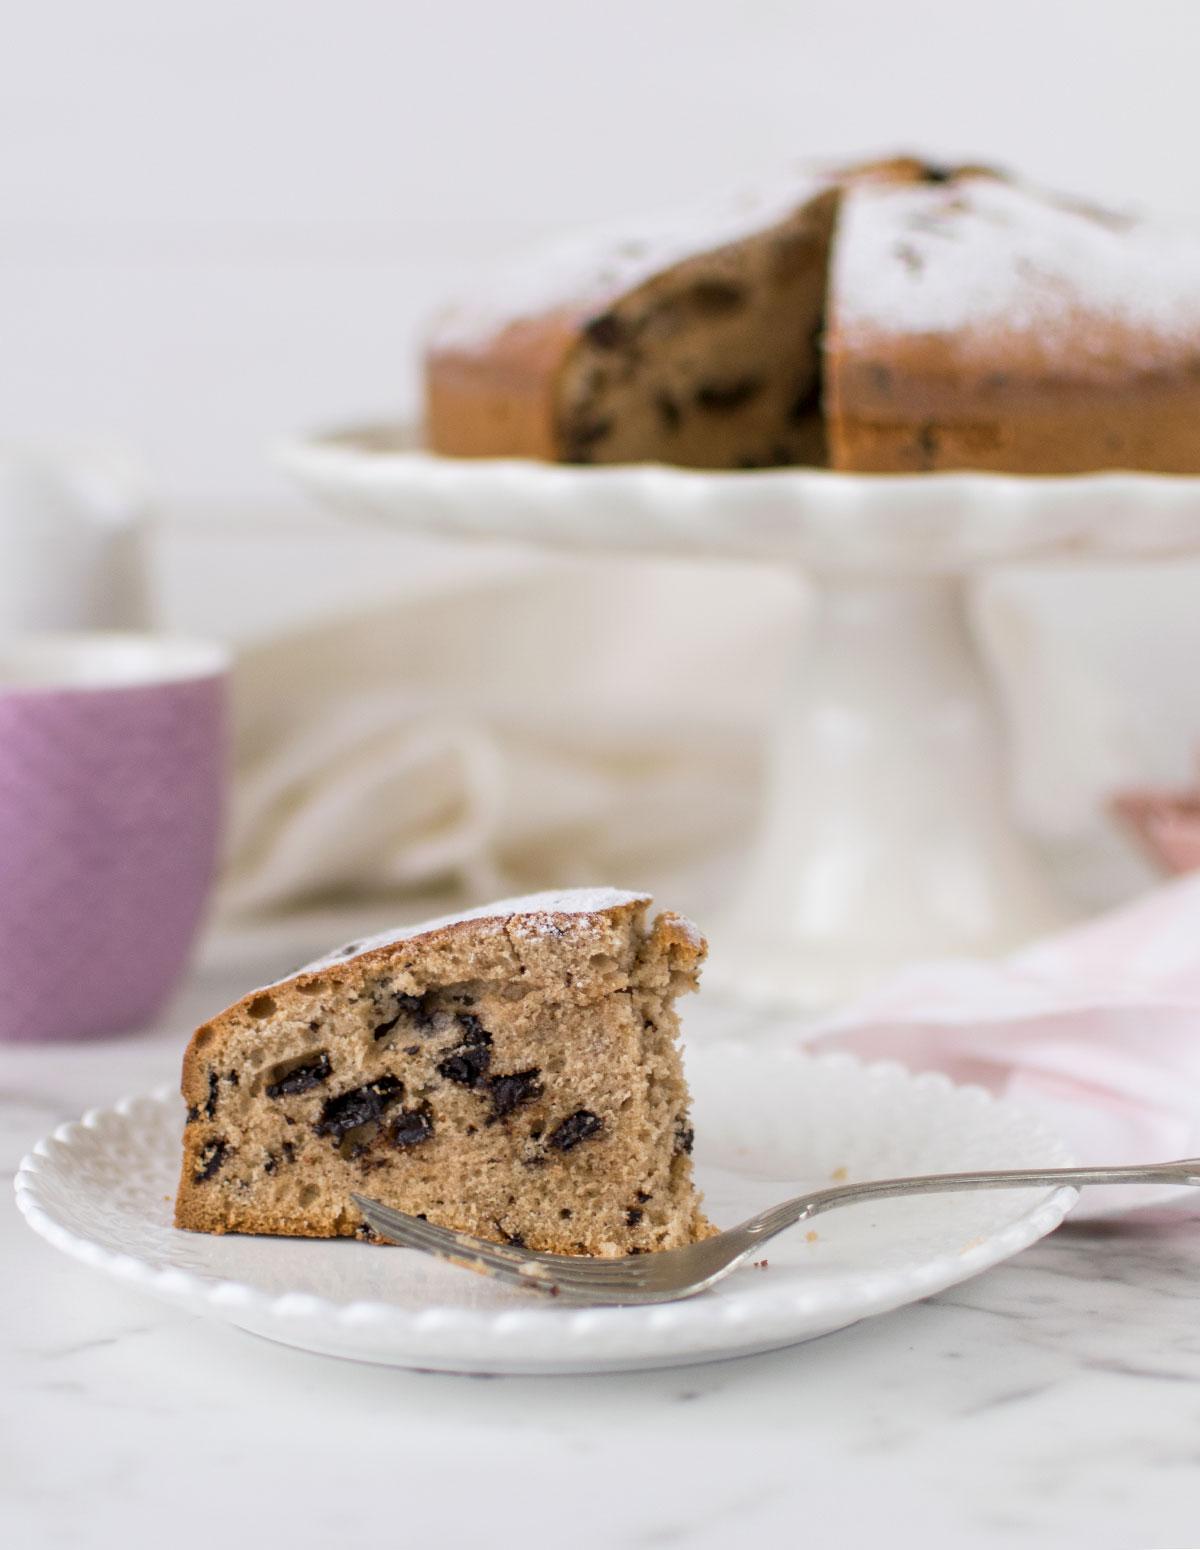 torta_pezzetti_cioccolato_fondente_ricetta